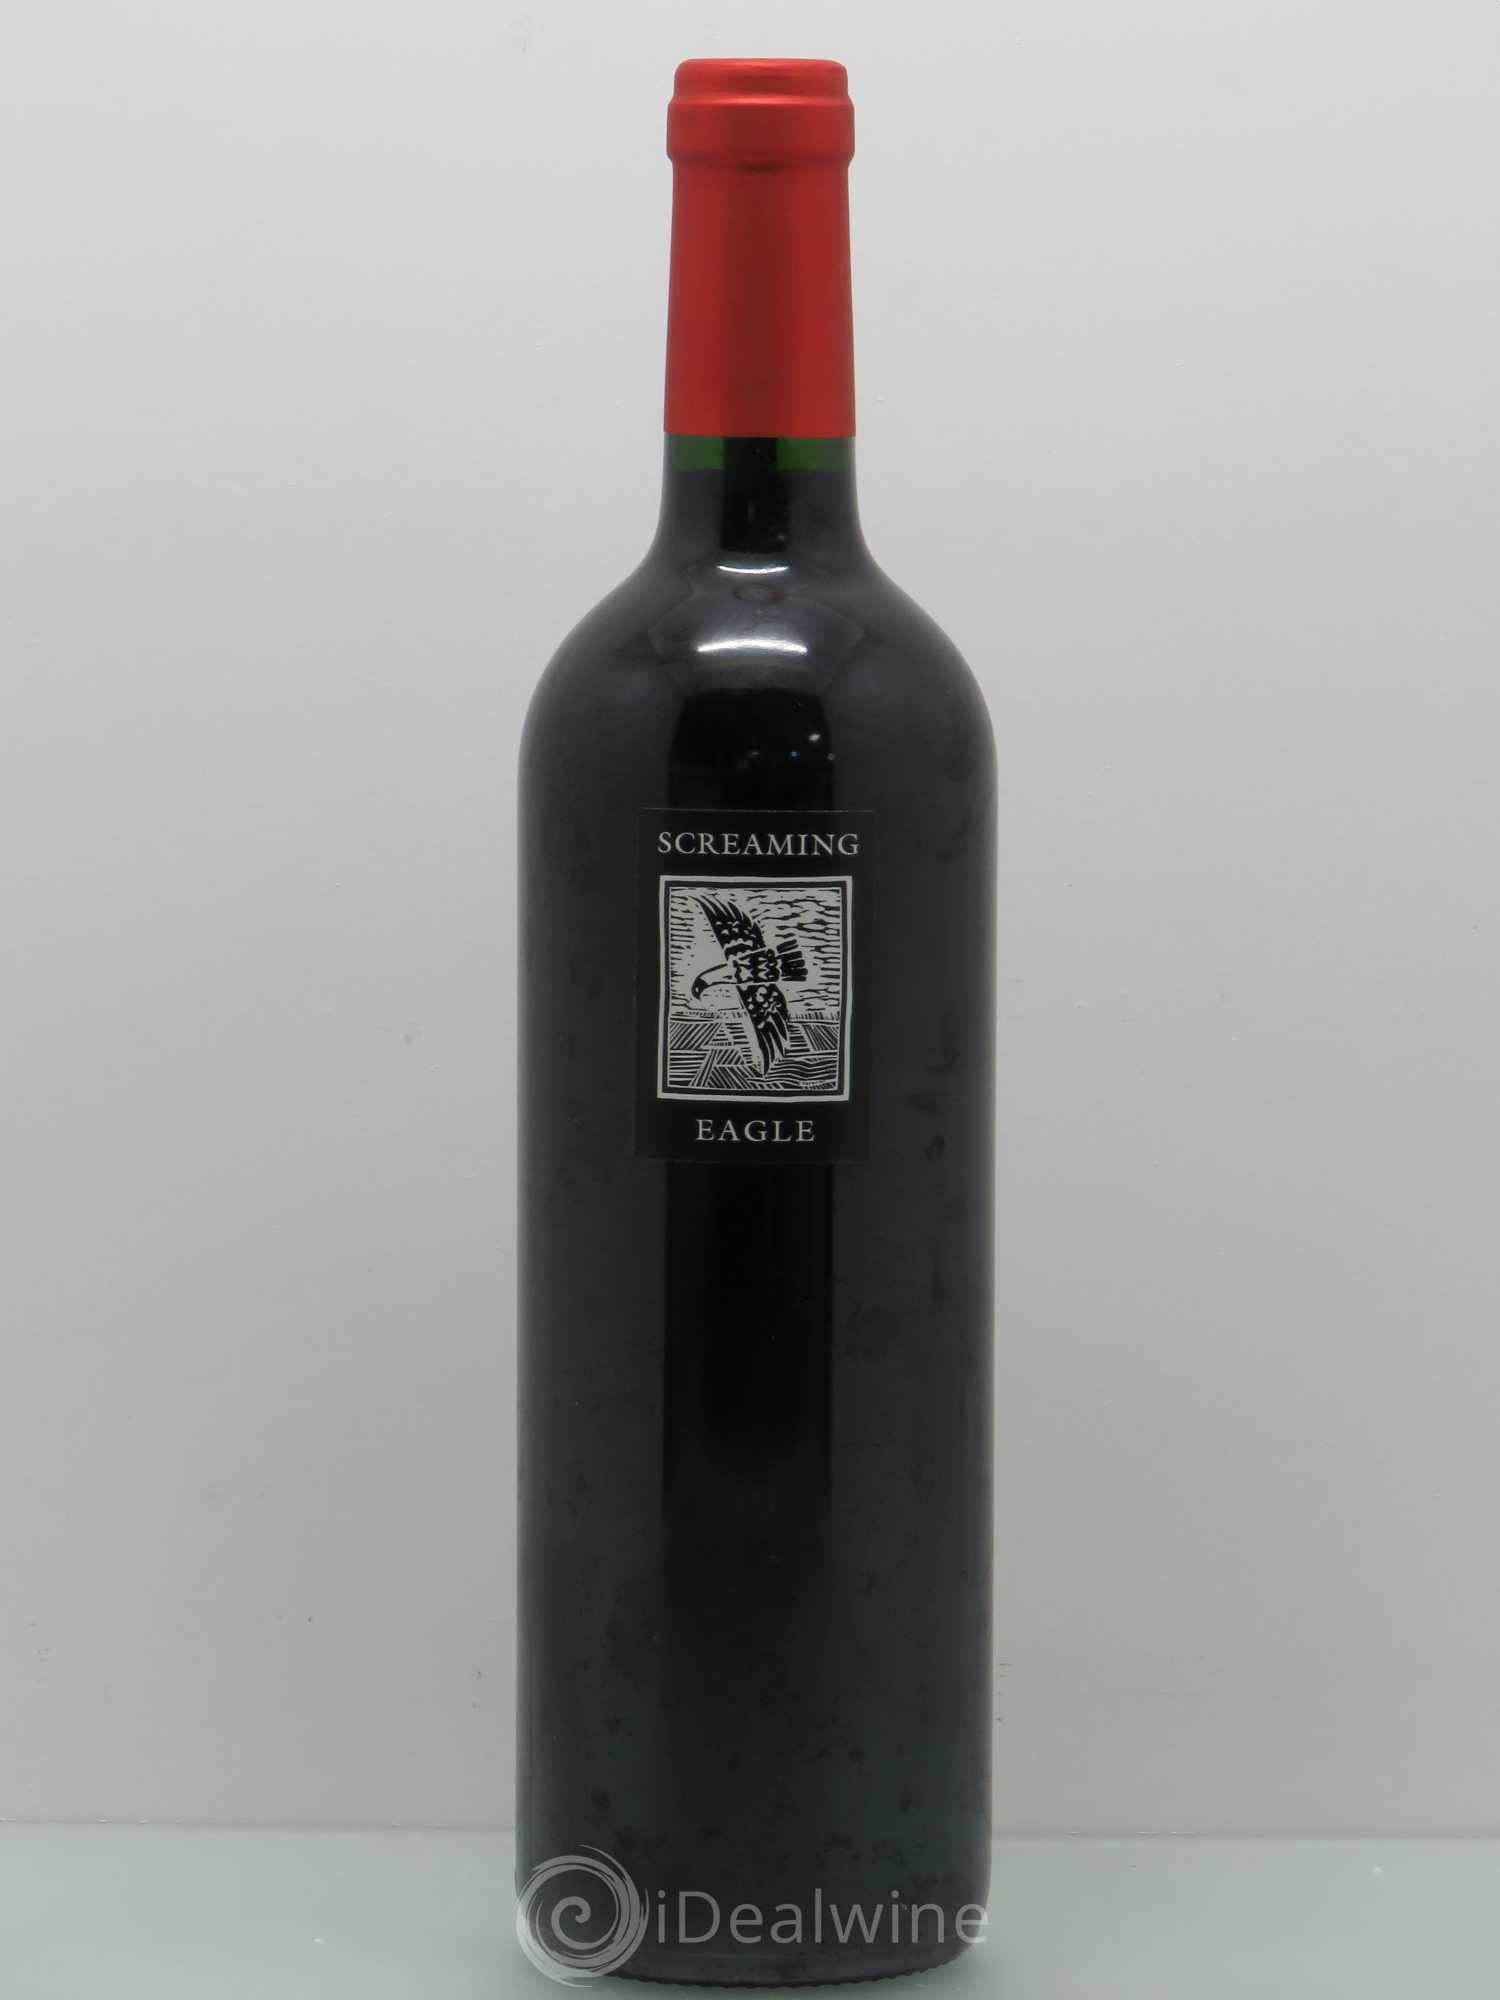 mas de la chapelle interview proprietaire. Napa Screaming Eagle 2012 - Lot Of 1 Bottle Mas De La Chapelle Interview Proprietaire